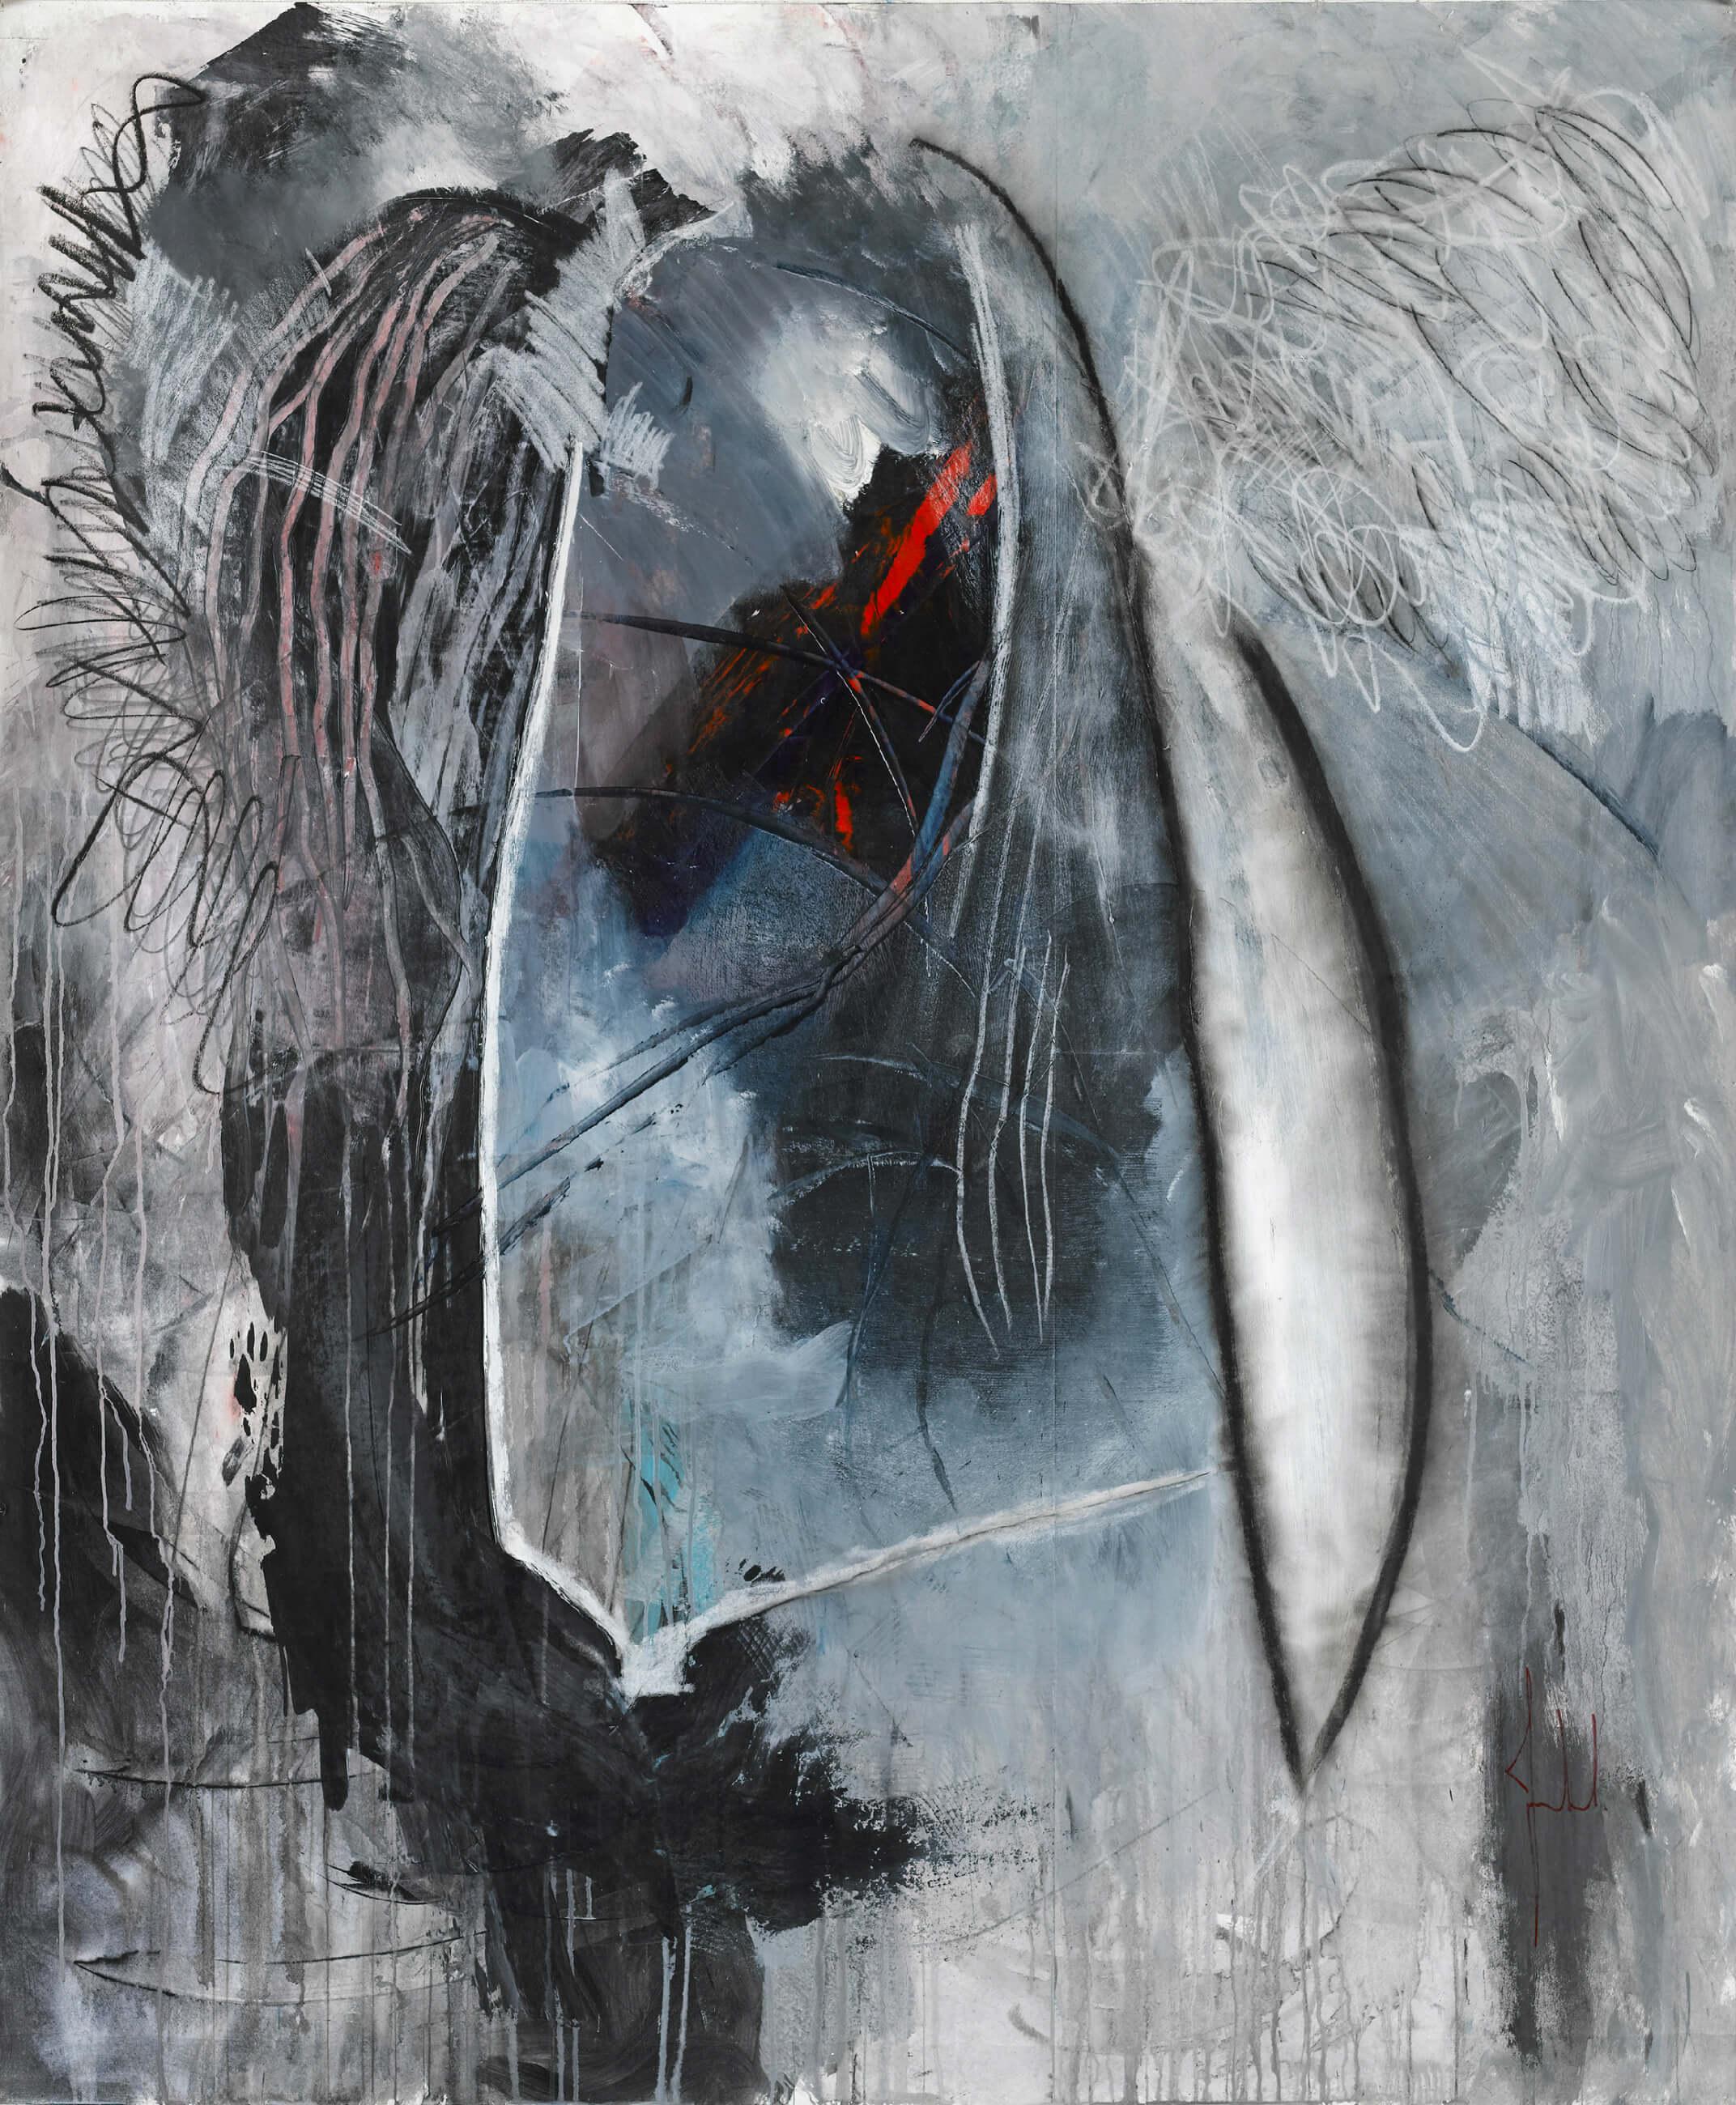 Mounto REINHARDT - Définition - Acrylique, 163 x 200 cm